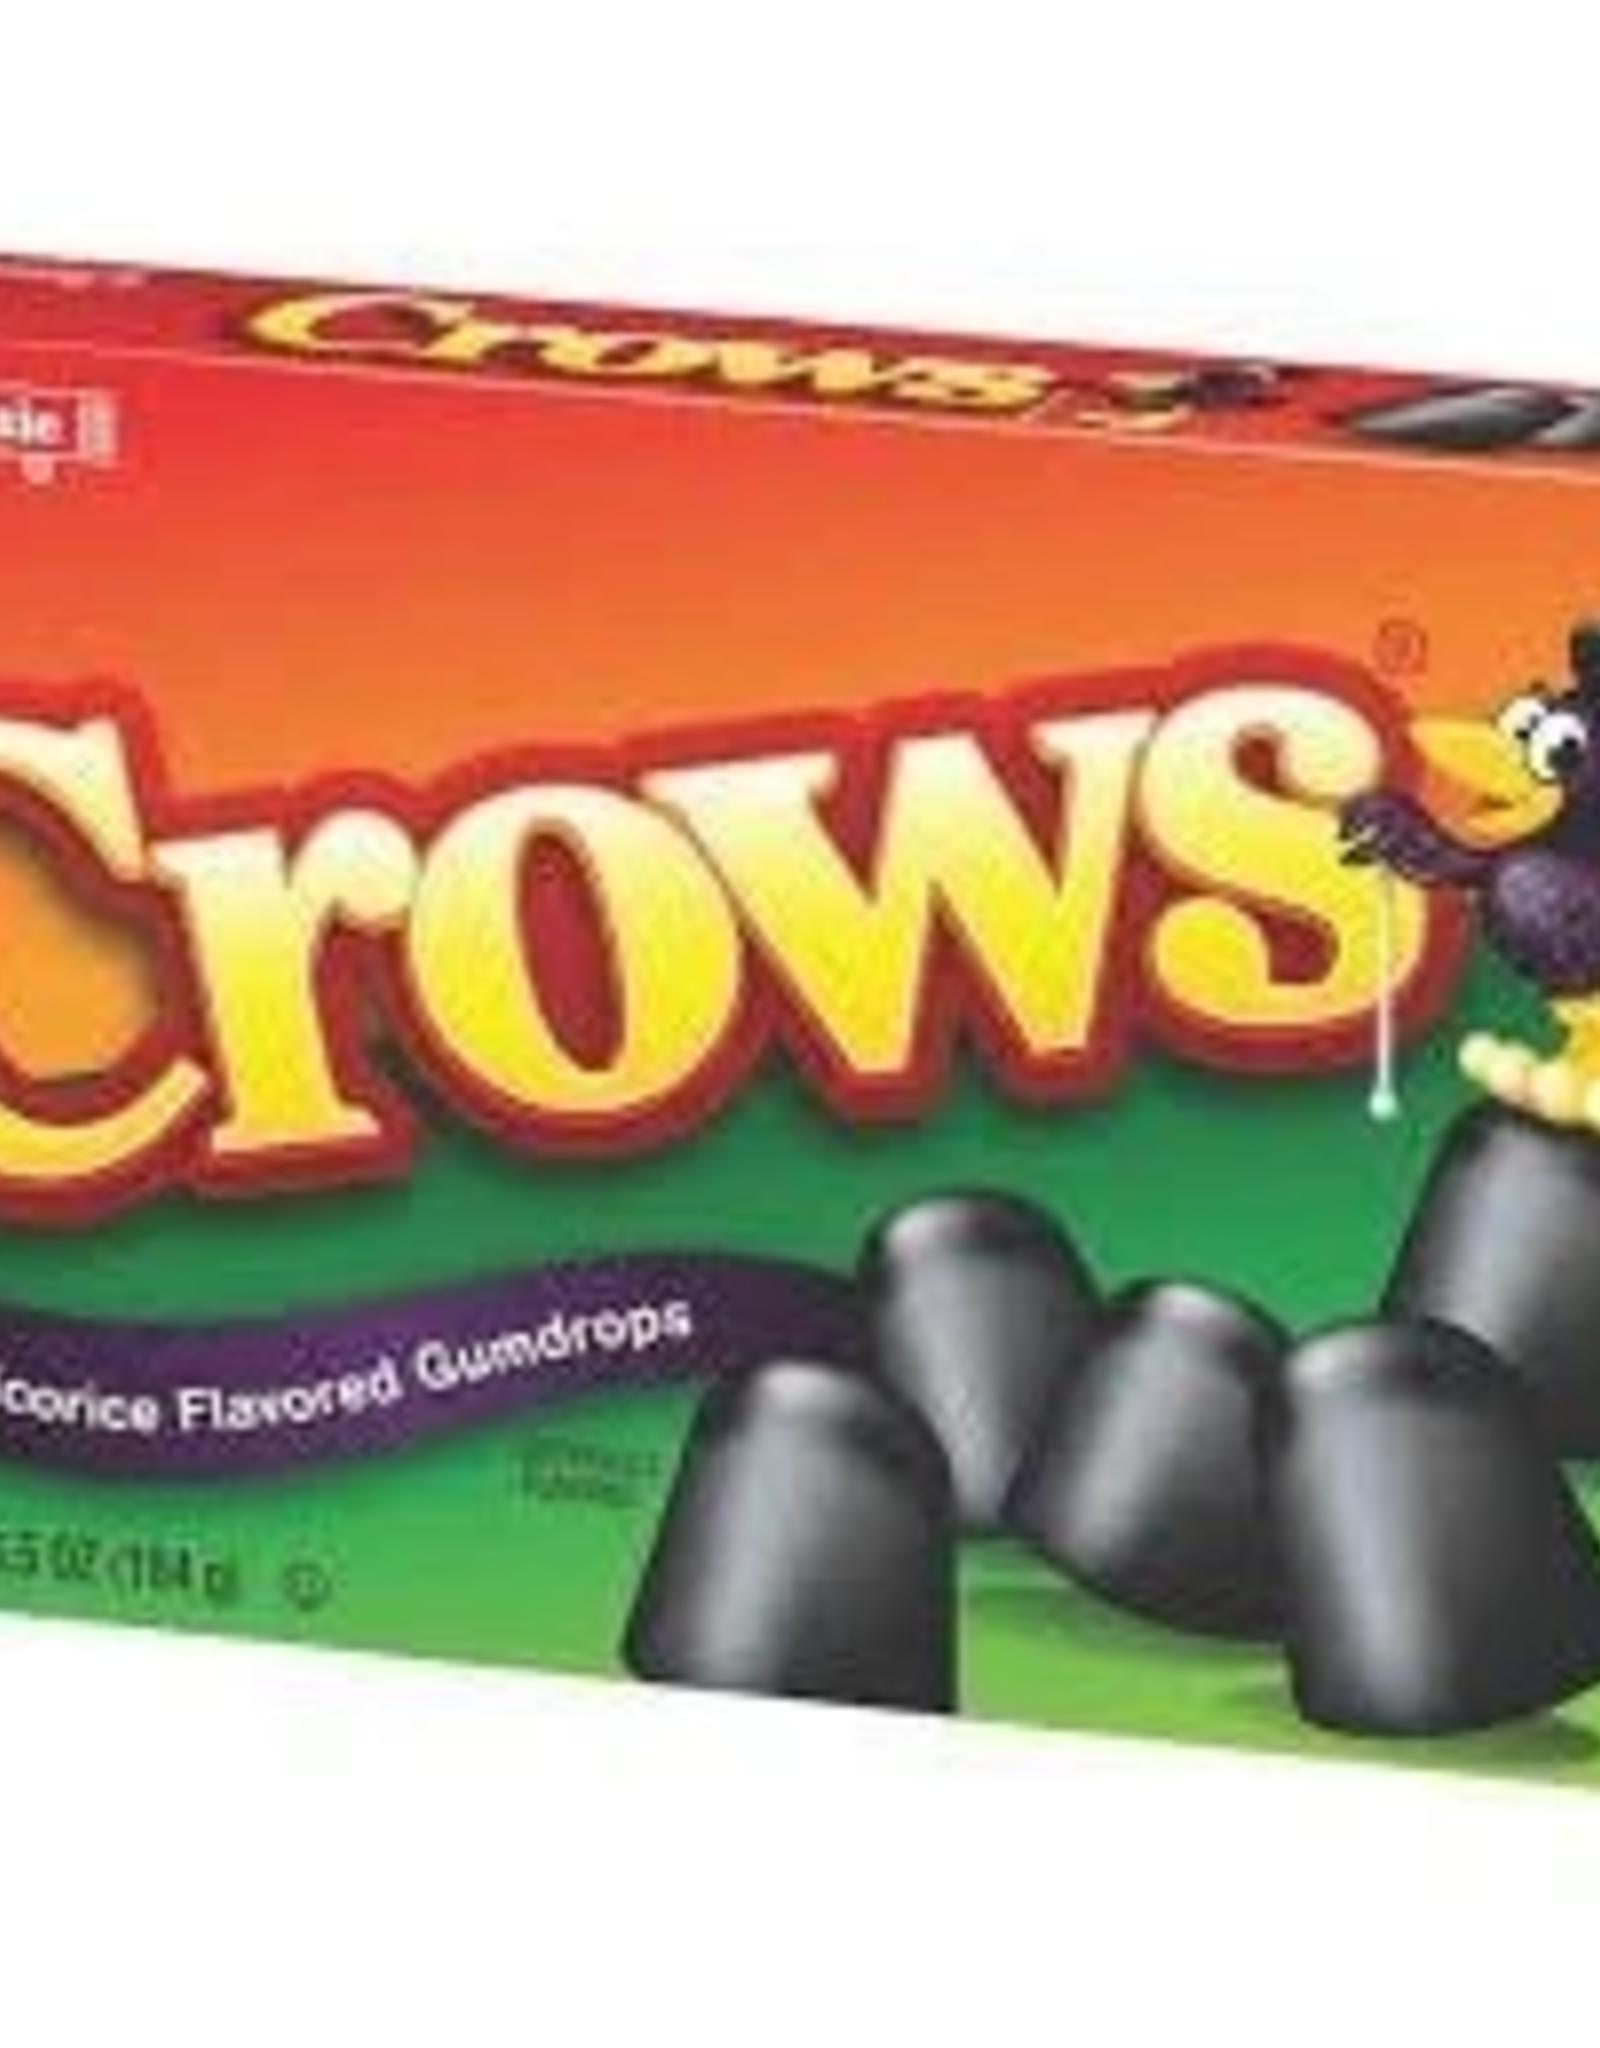 Tootsie Crows Theater Box 6.5oz